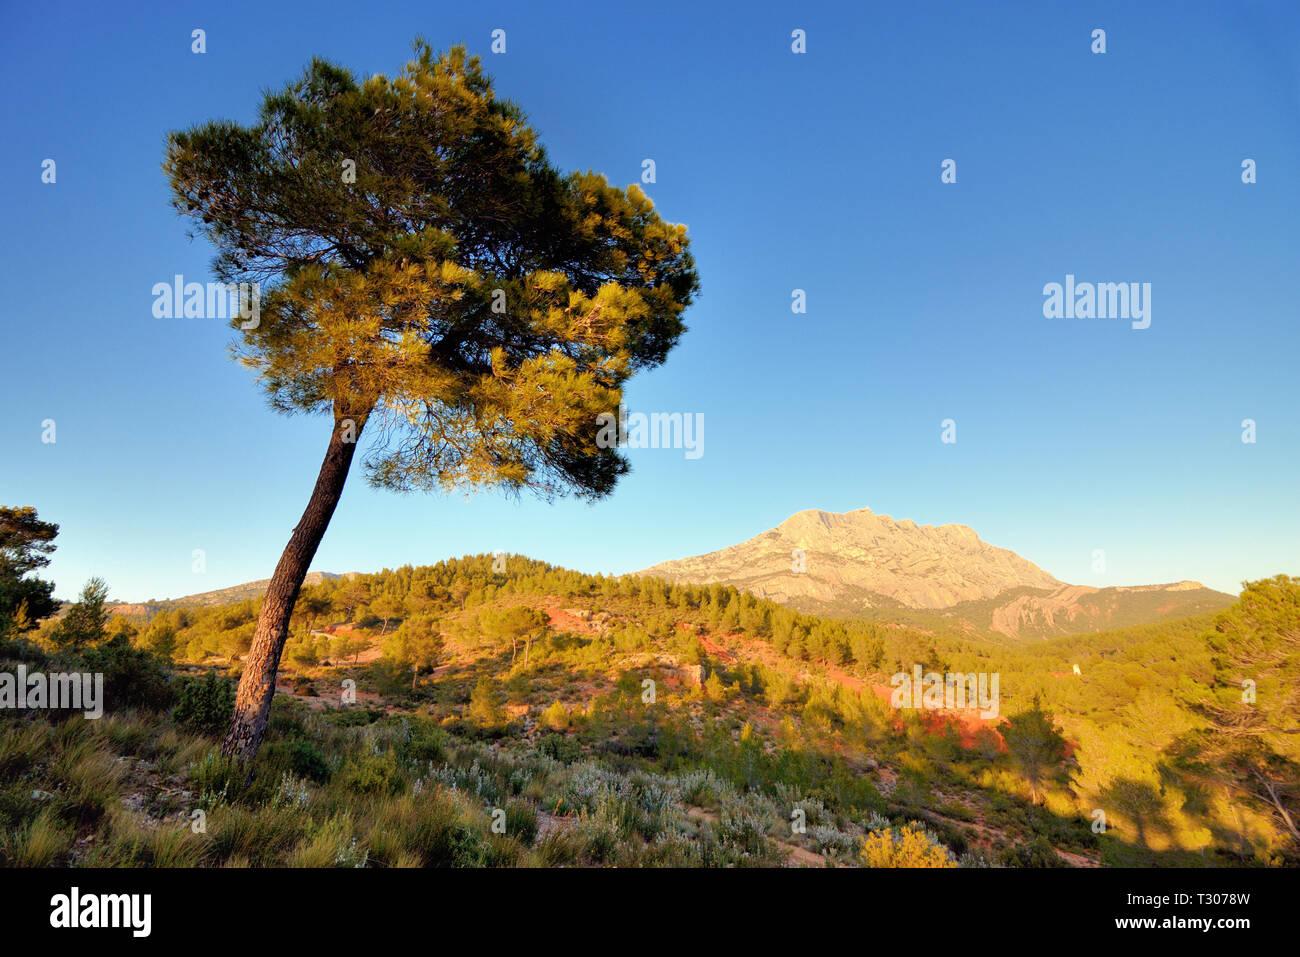 Mont Sainte Victoire Ou Montagne Sainte Victoire Pine Tree Le Pic Celebre Dans Les Peintures De Paul Cezanne Aix En Provence Provence France Photo Stock Alamy